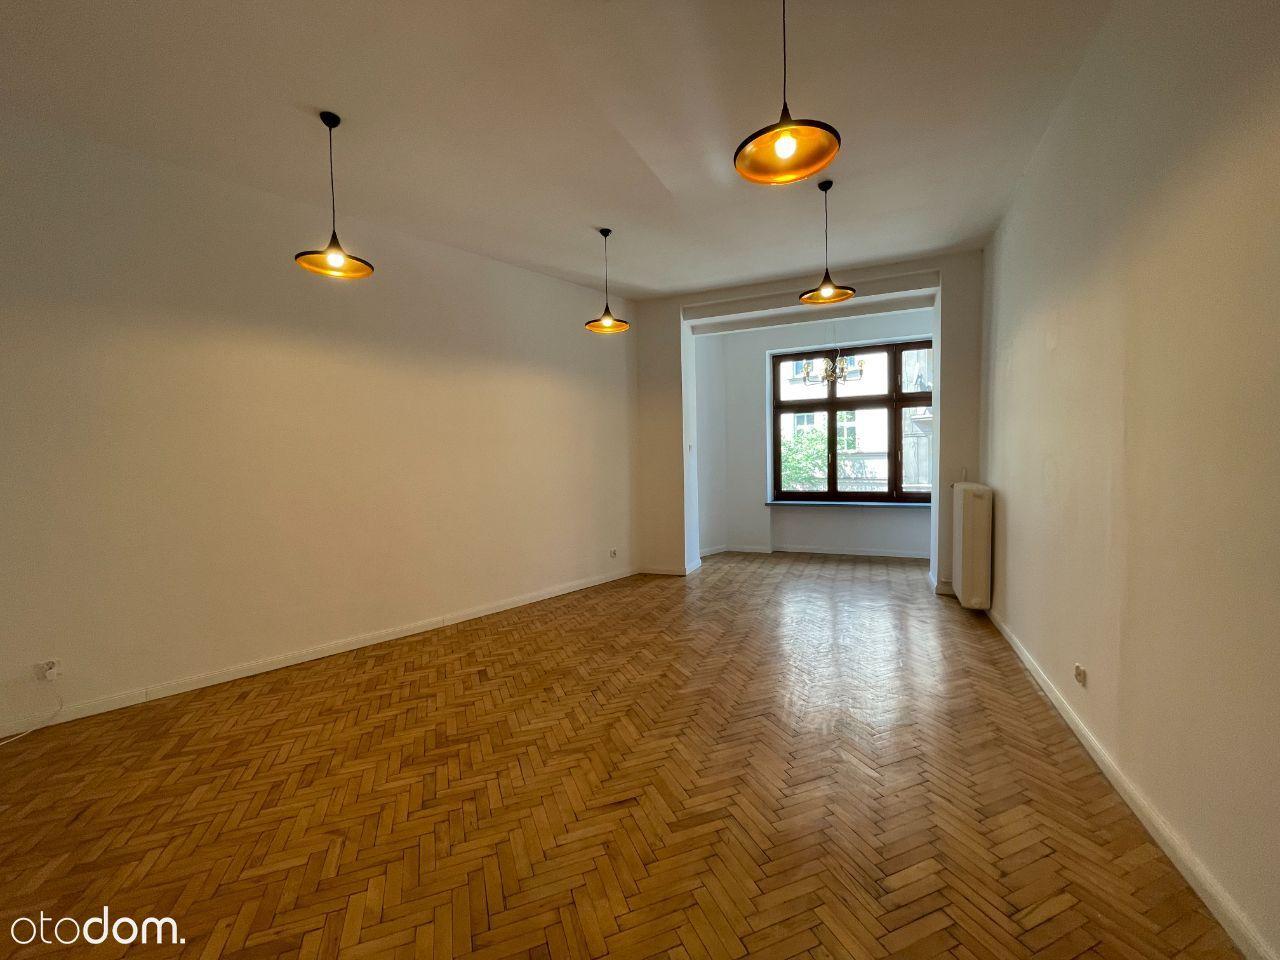 Piękne mieszkanie 113m2 do aranżacji, śródmieście